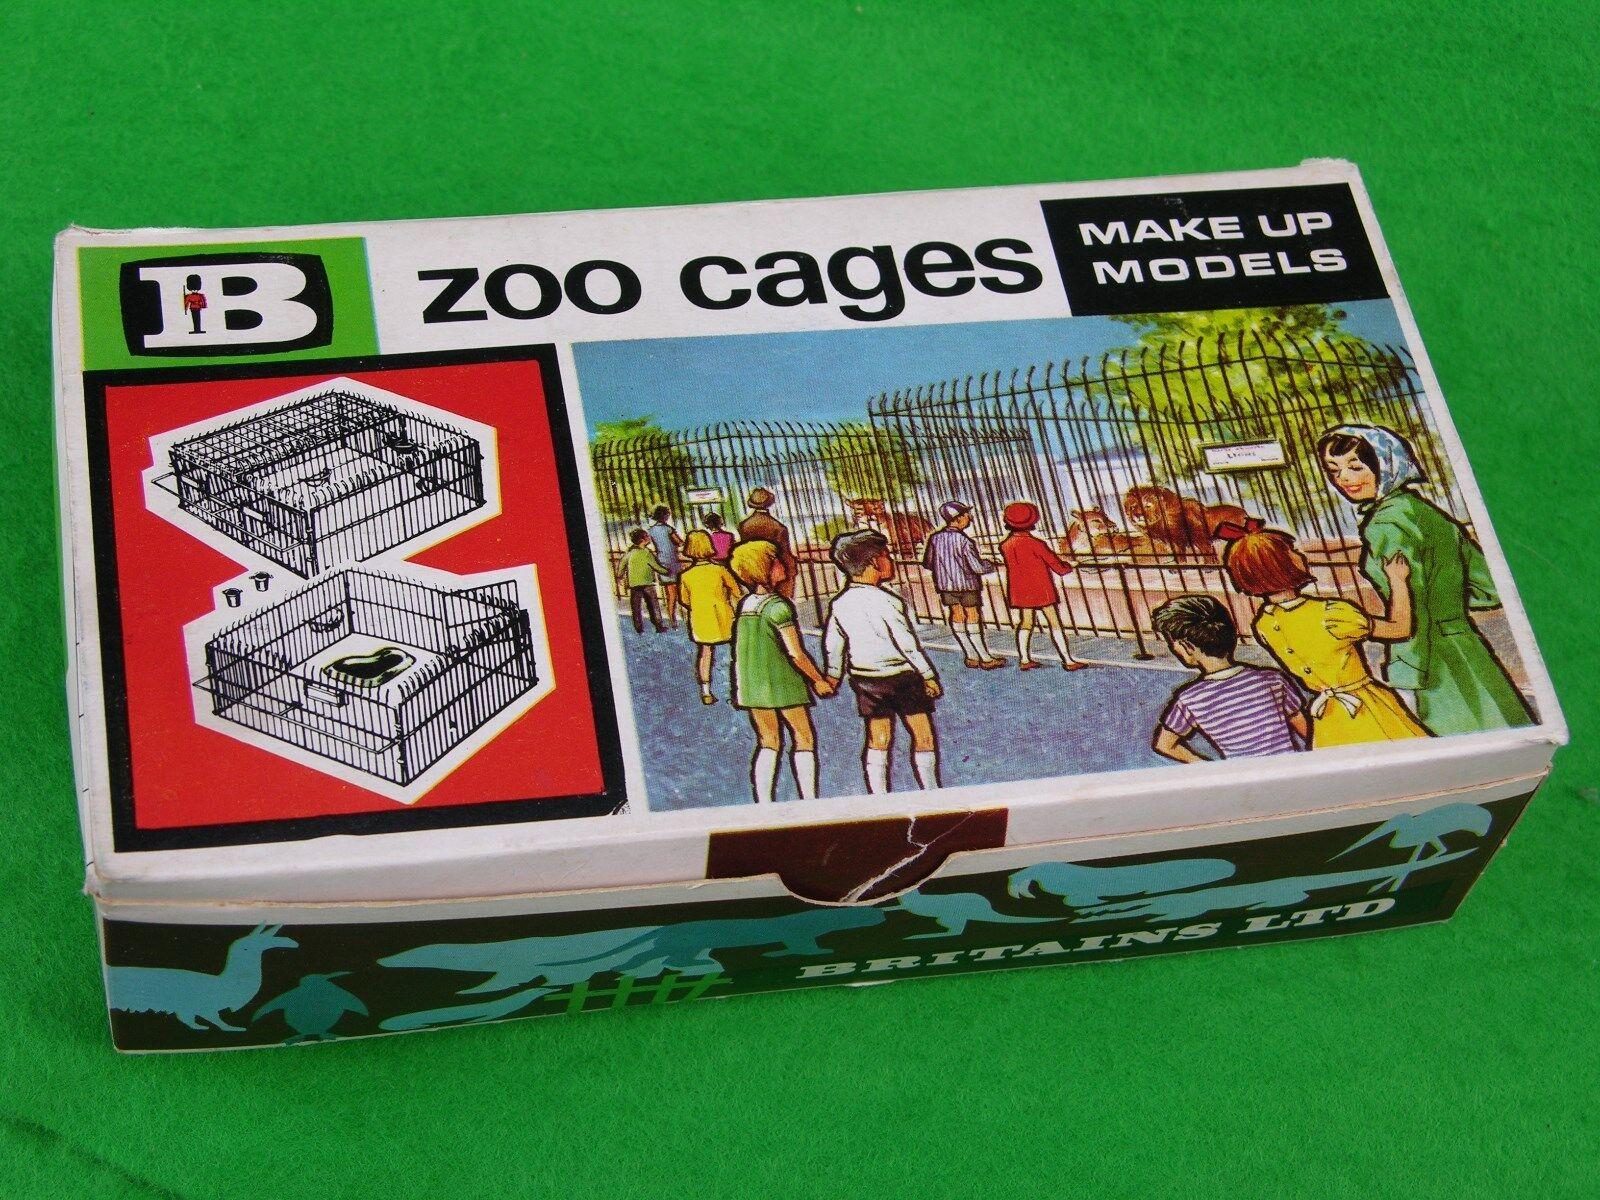 Ligne de joie de Noël (Nouvel Cages An), cadeau d'or grande livraison BRITAINS ZOO Railings, Cages (Nouvel & Boîtiers, multi-annonce 4d21a3